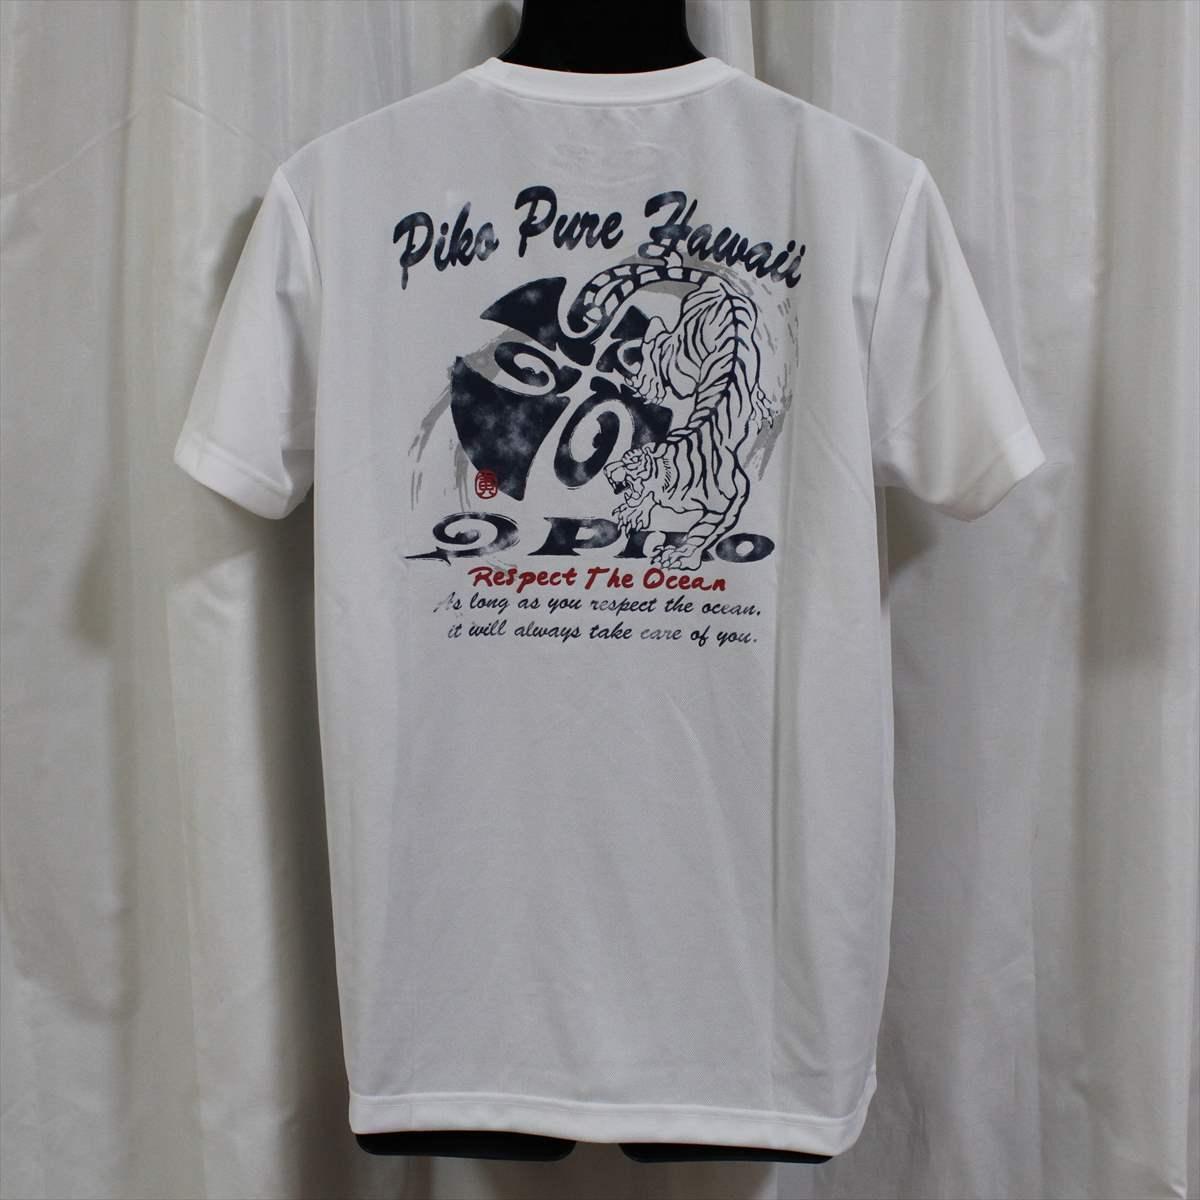 ピコ PIKO メンズ半袖Tシャツ ホワイト Mサイズ 新品 白 メッシュ_画像3